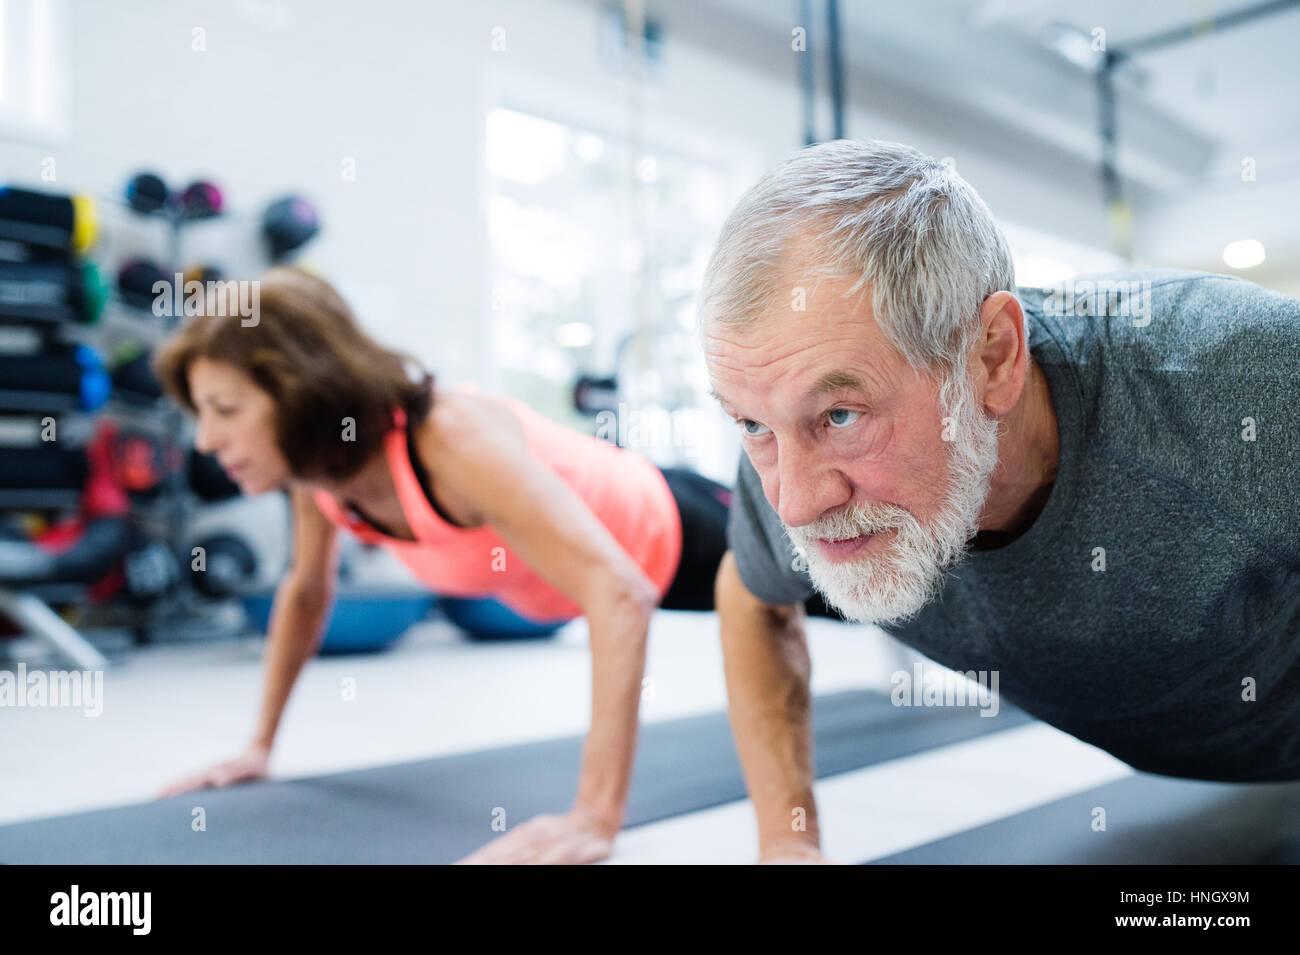 Älteres Paar im Fitness-Studio trainieren, tun Push Ups Stockfoto